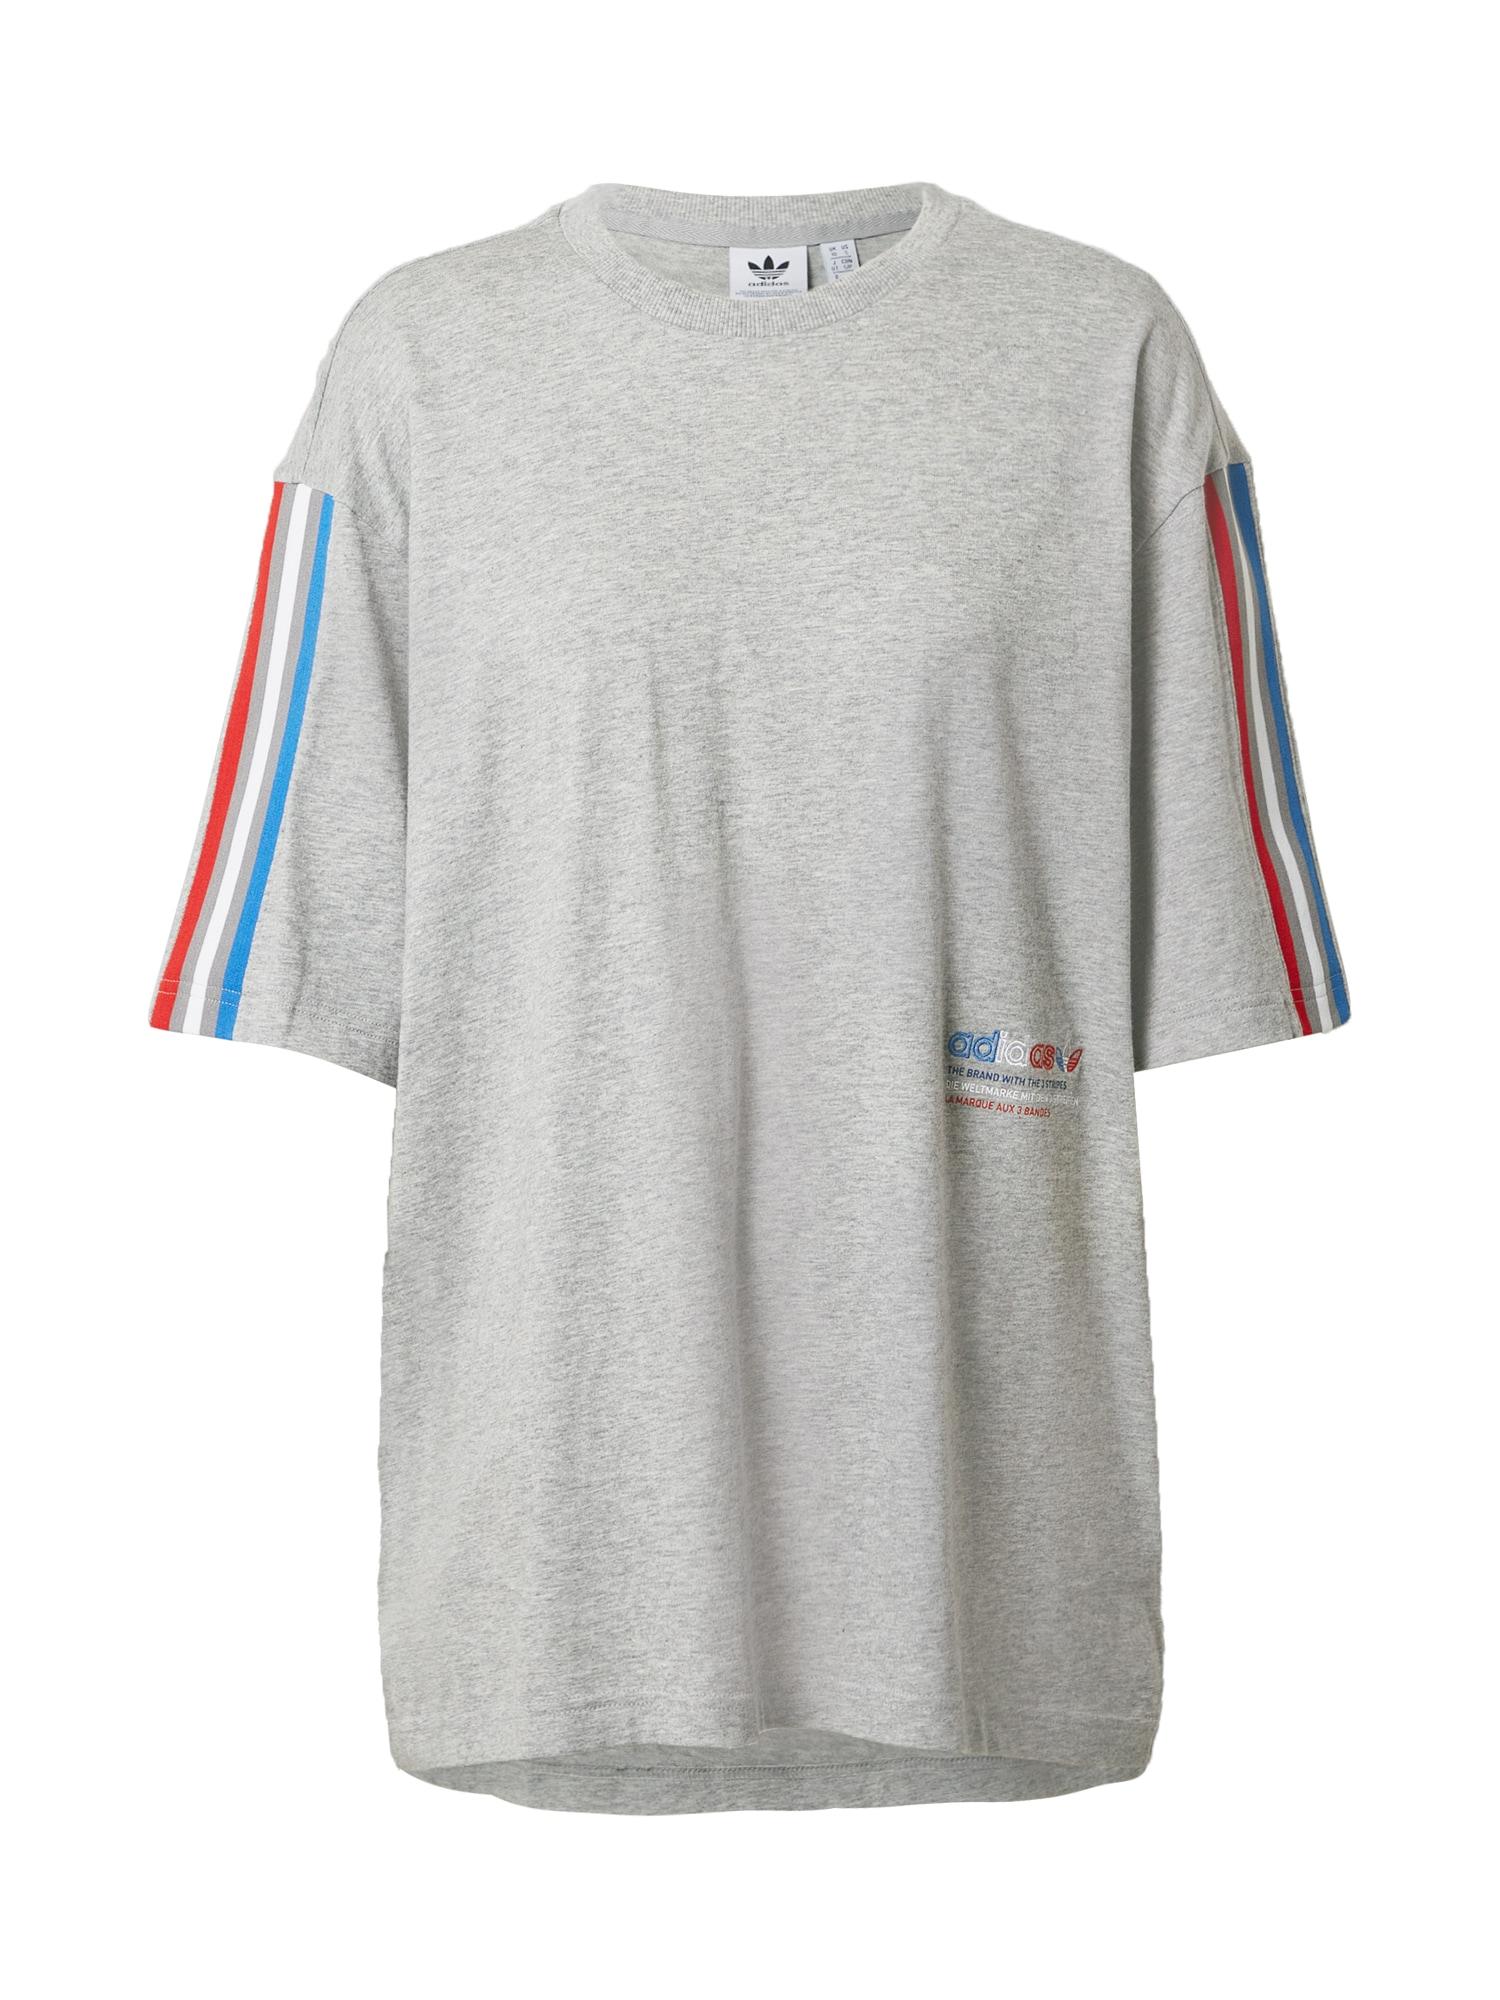 ADIDAS ORIGINALS Marškinėliai margai pilka / balta / dangaus žydra / raudona